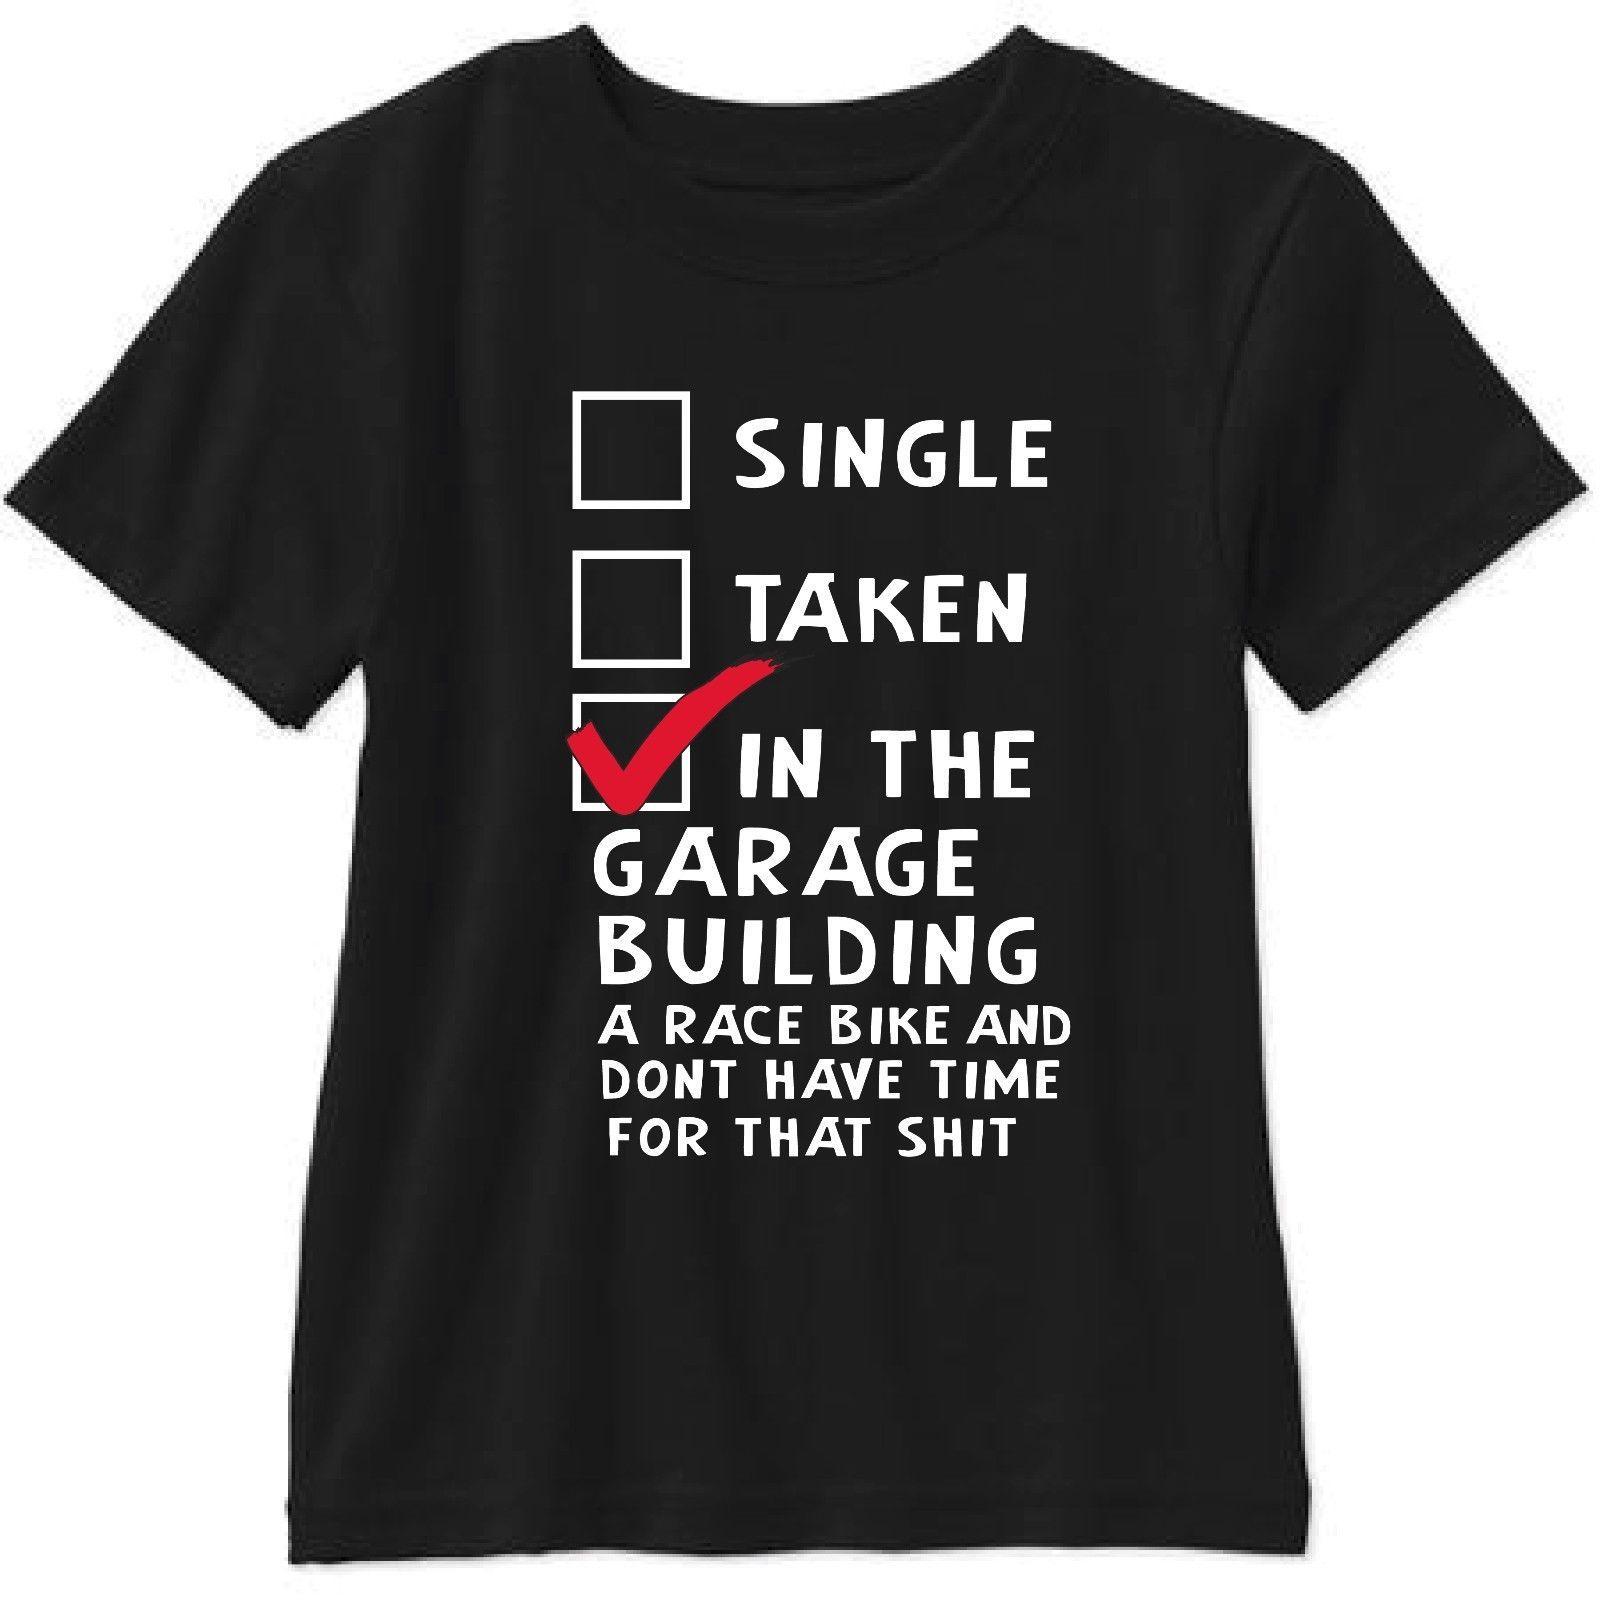 el deporte de manga corta para hombres ropa de verano single extraído en el garaje del edificio Una carrera del motorista Camiseta de manga corta T-shirt